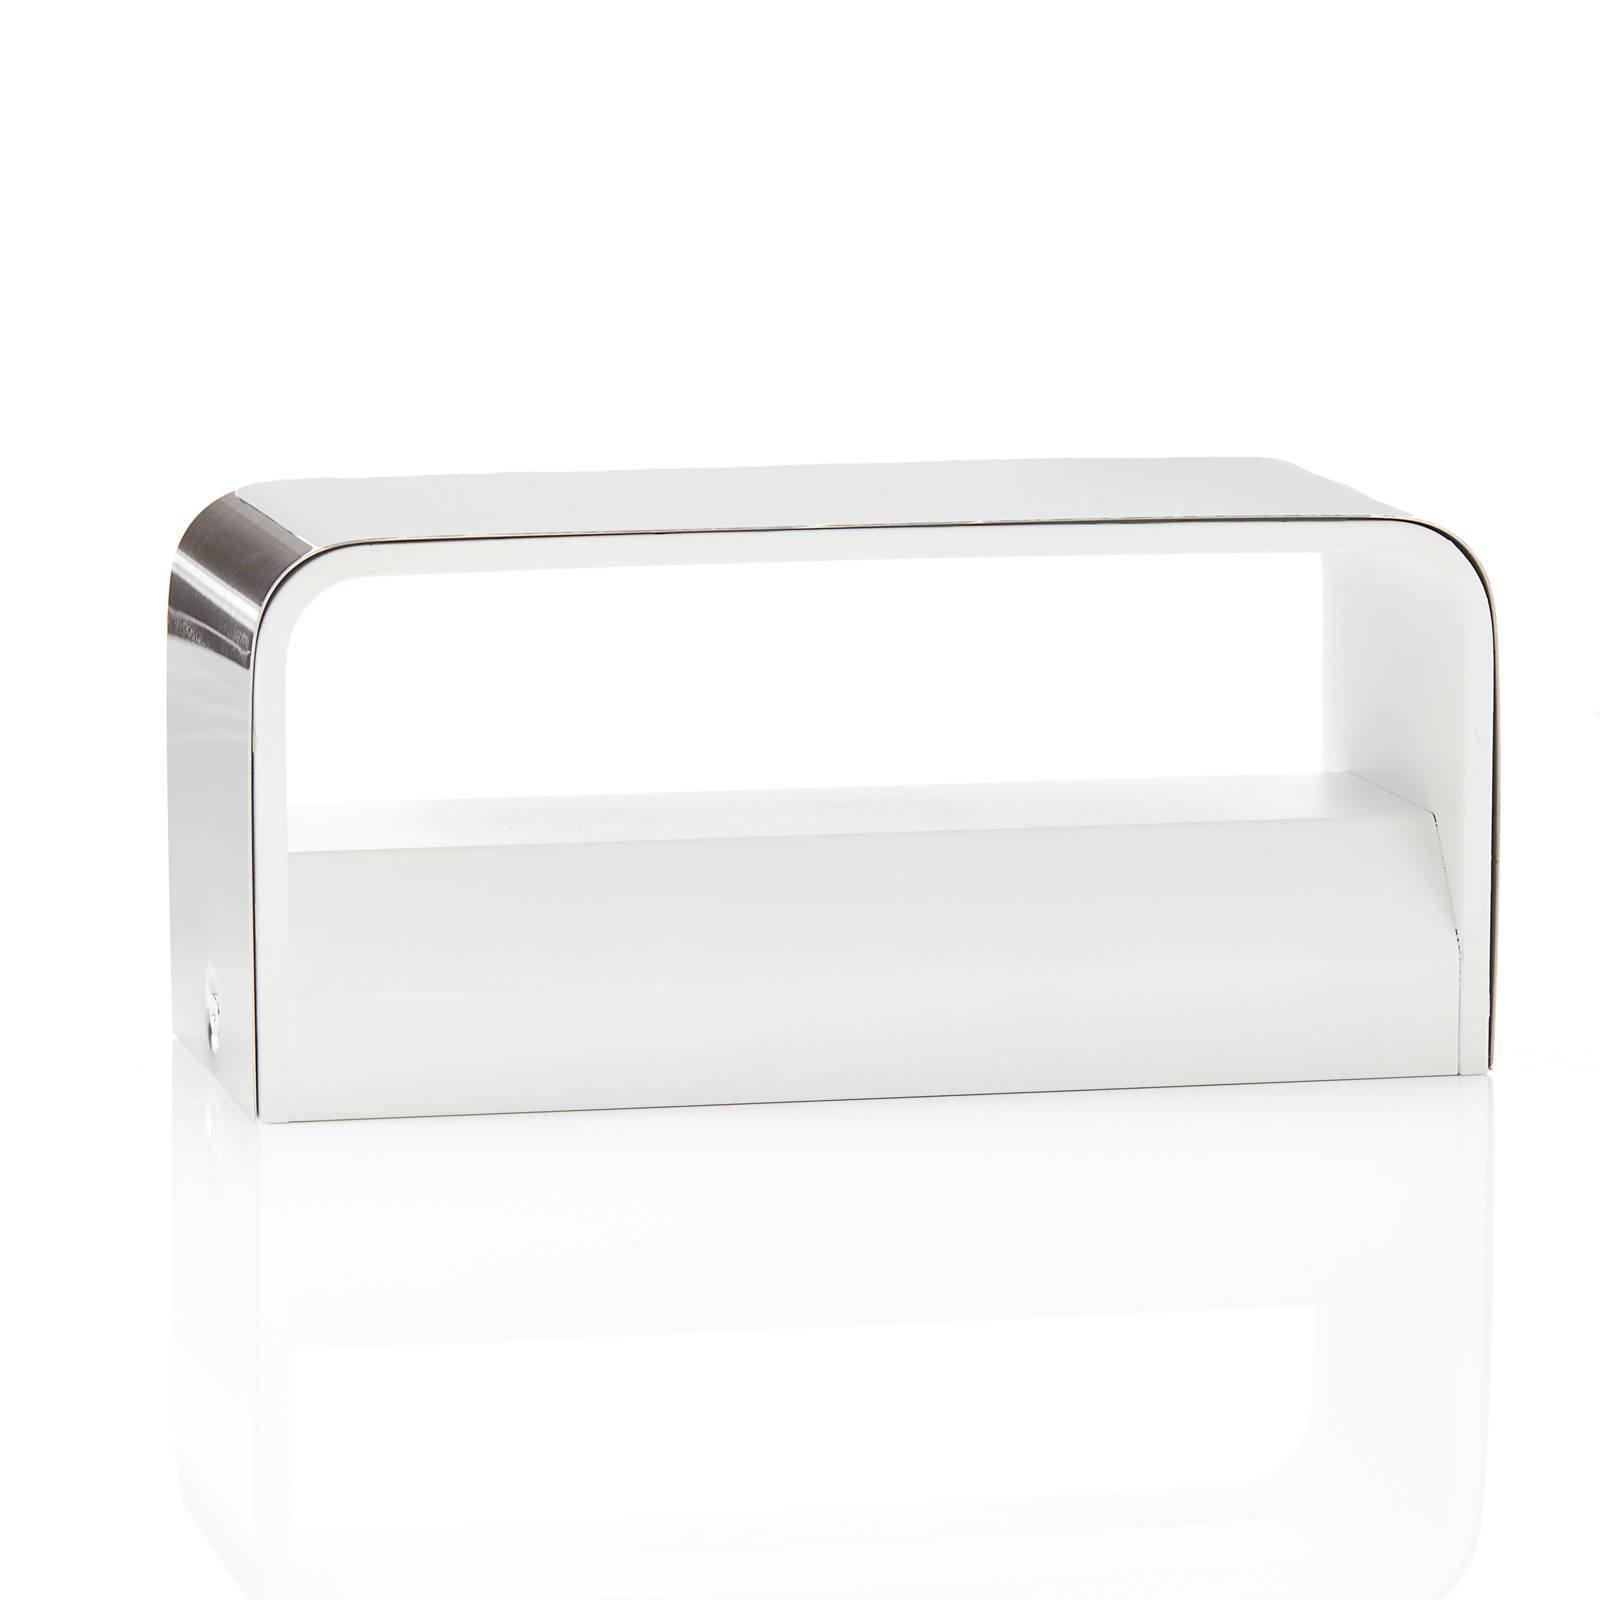 Lucande Sessa LED-vegglampe 20 cm matt nikkel